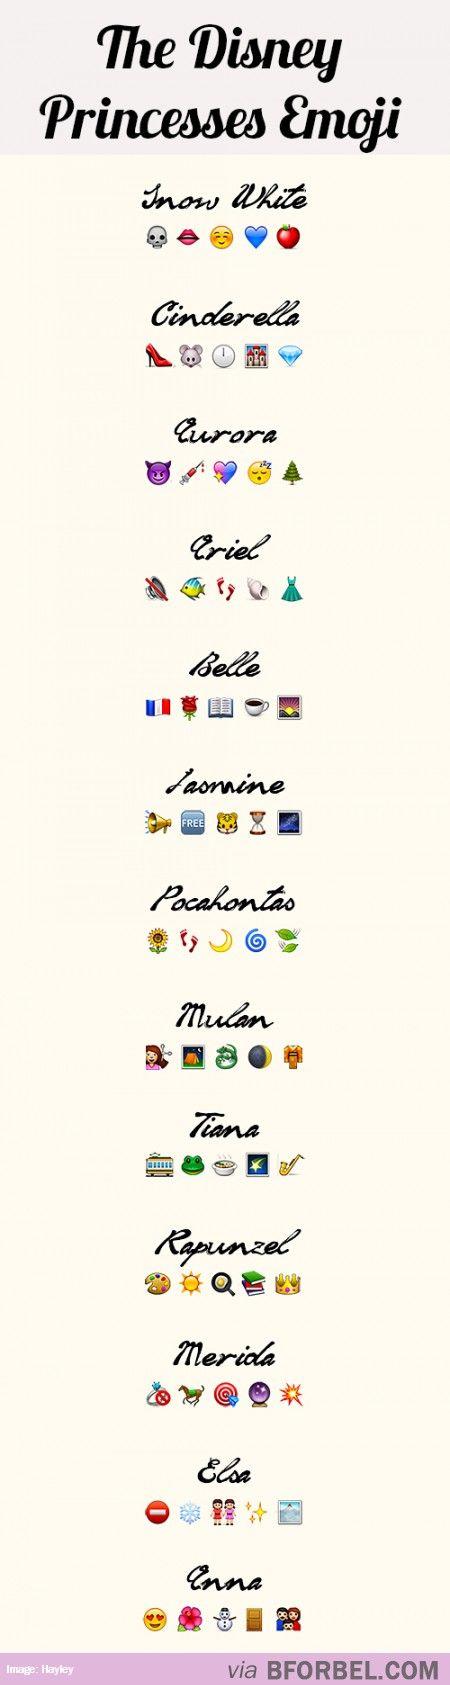 13 Disney Princesses Described By Emojis Disney Pixar Disney Fun Disney Love